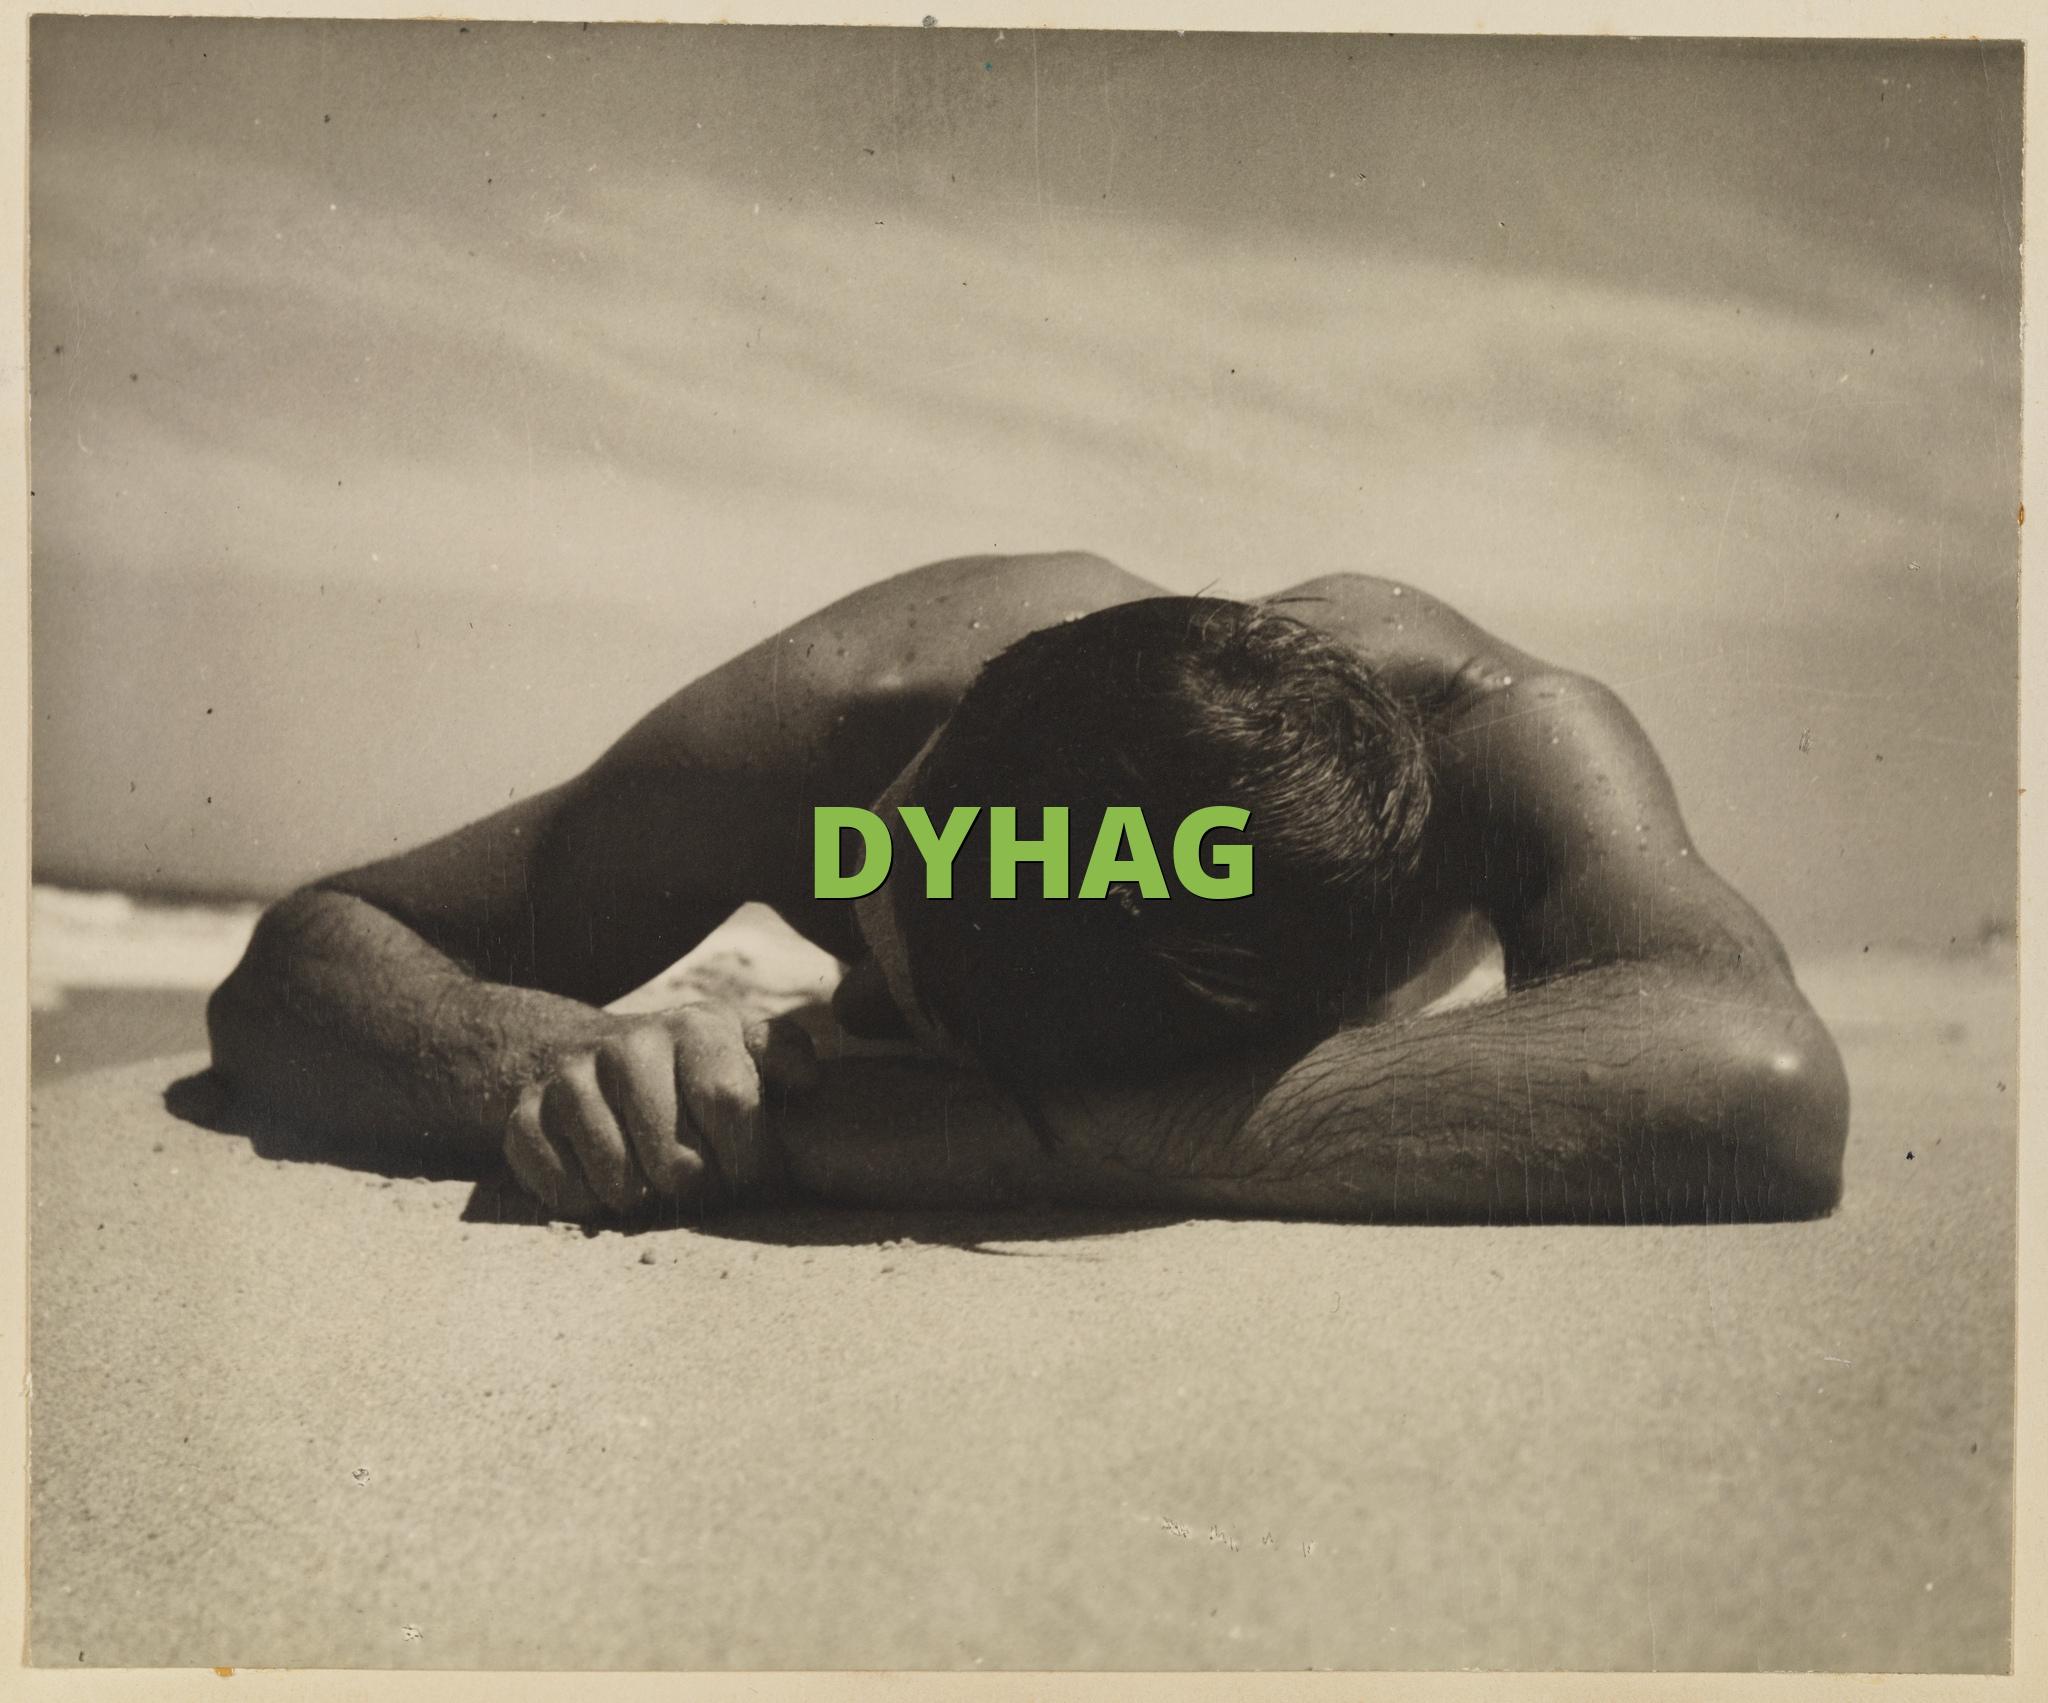 DYHAG